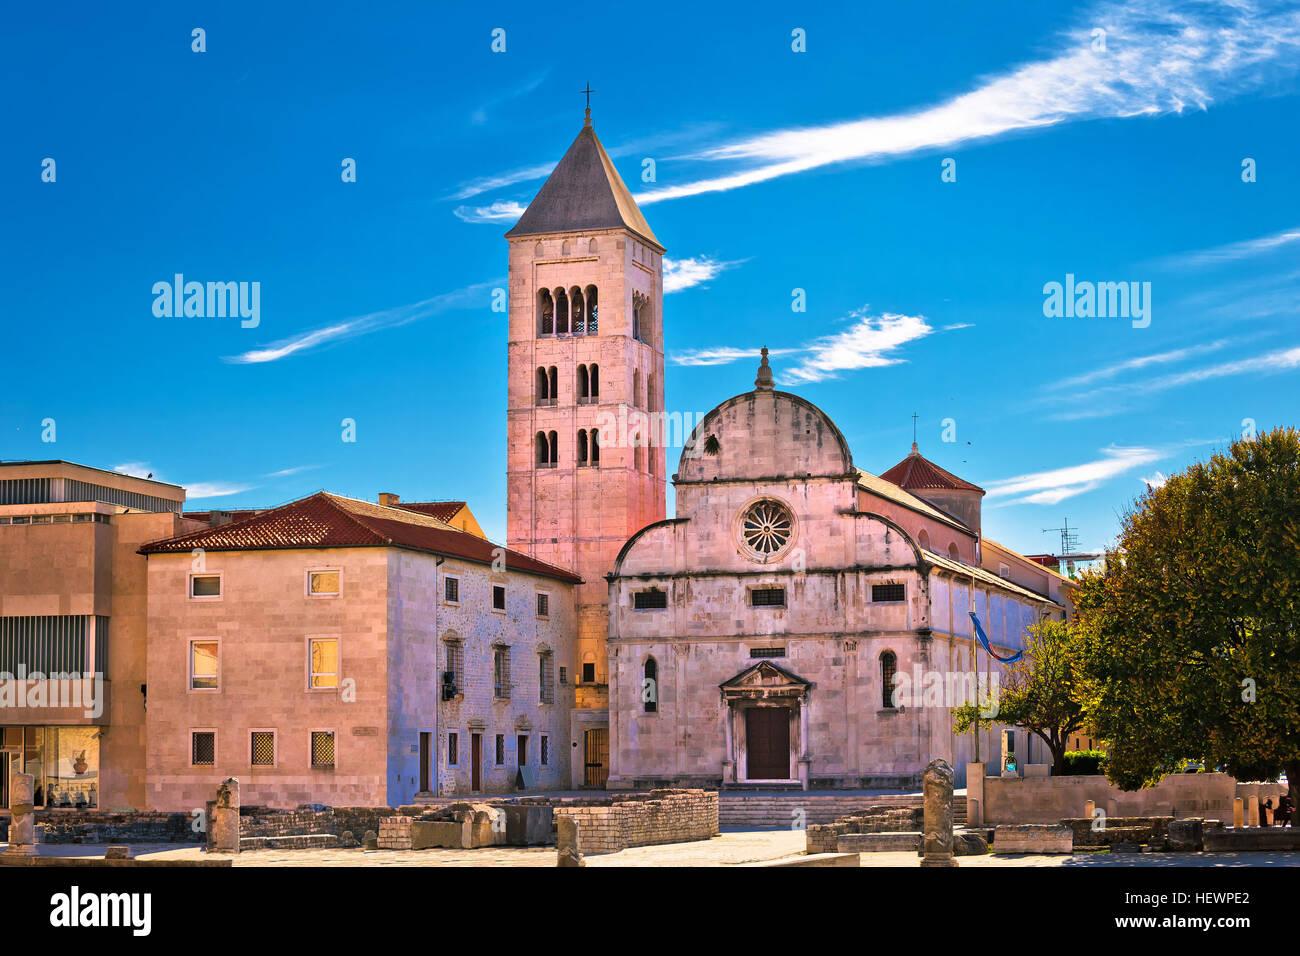 Historische Kirche Zadar und römische Artefakte auf dem alten Platz, Dalmatien, Kroatien Stockbild